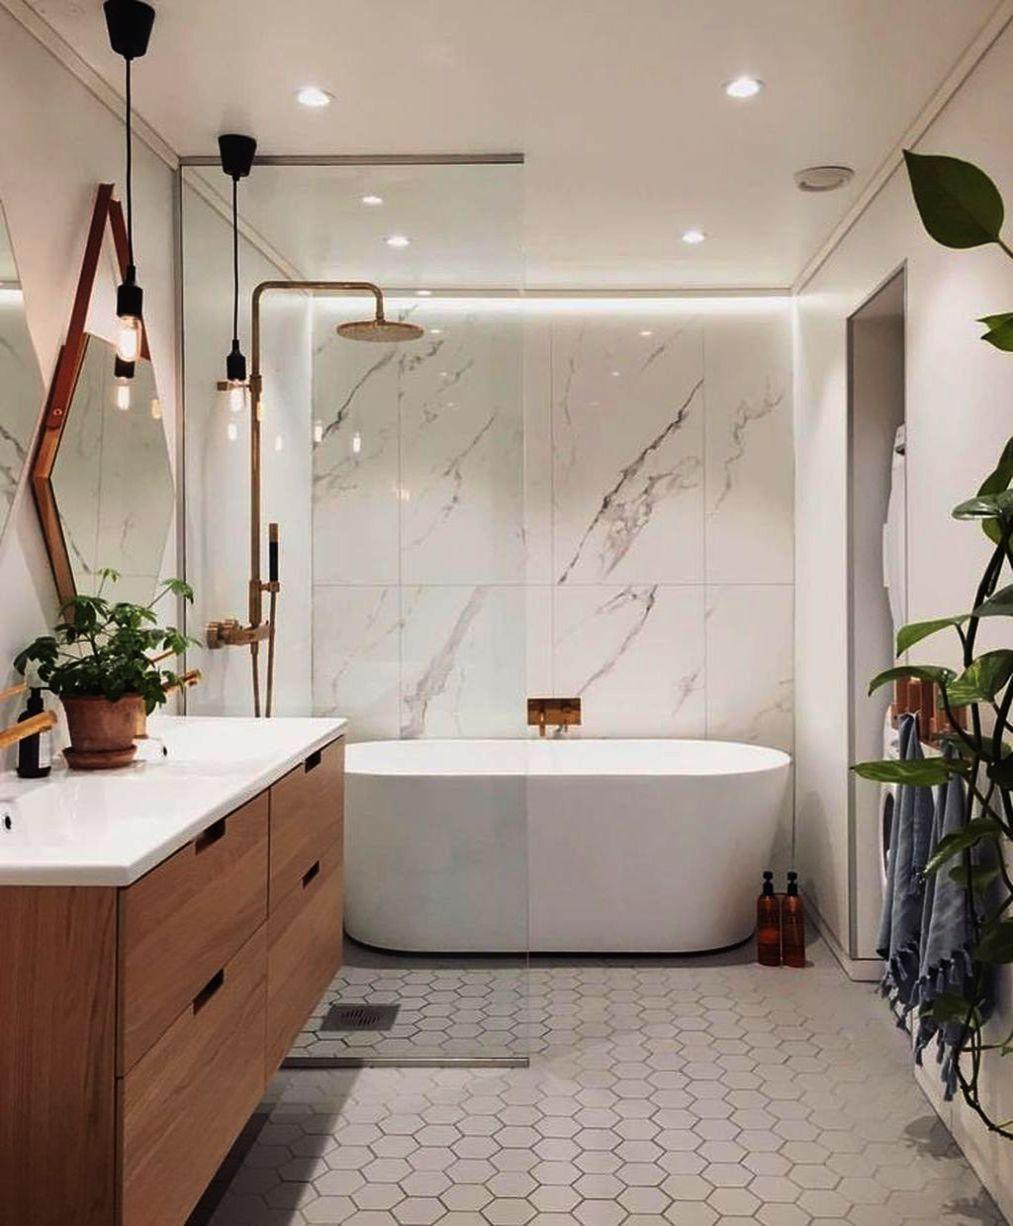 Bathroom Interiordesign Ideas: Minimalist Bathroom Ideas Pinterest Via Bathroom Ideas